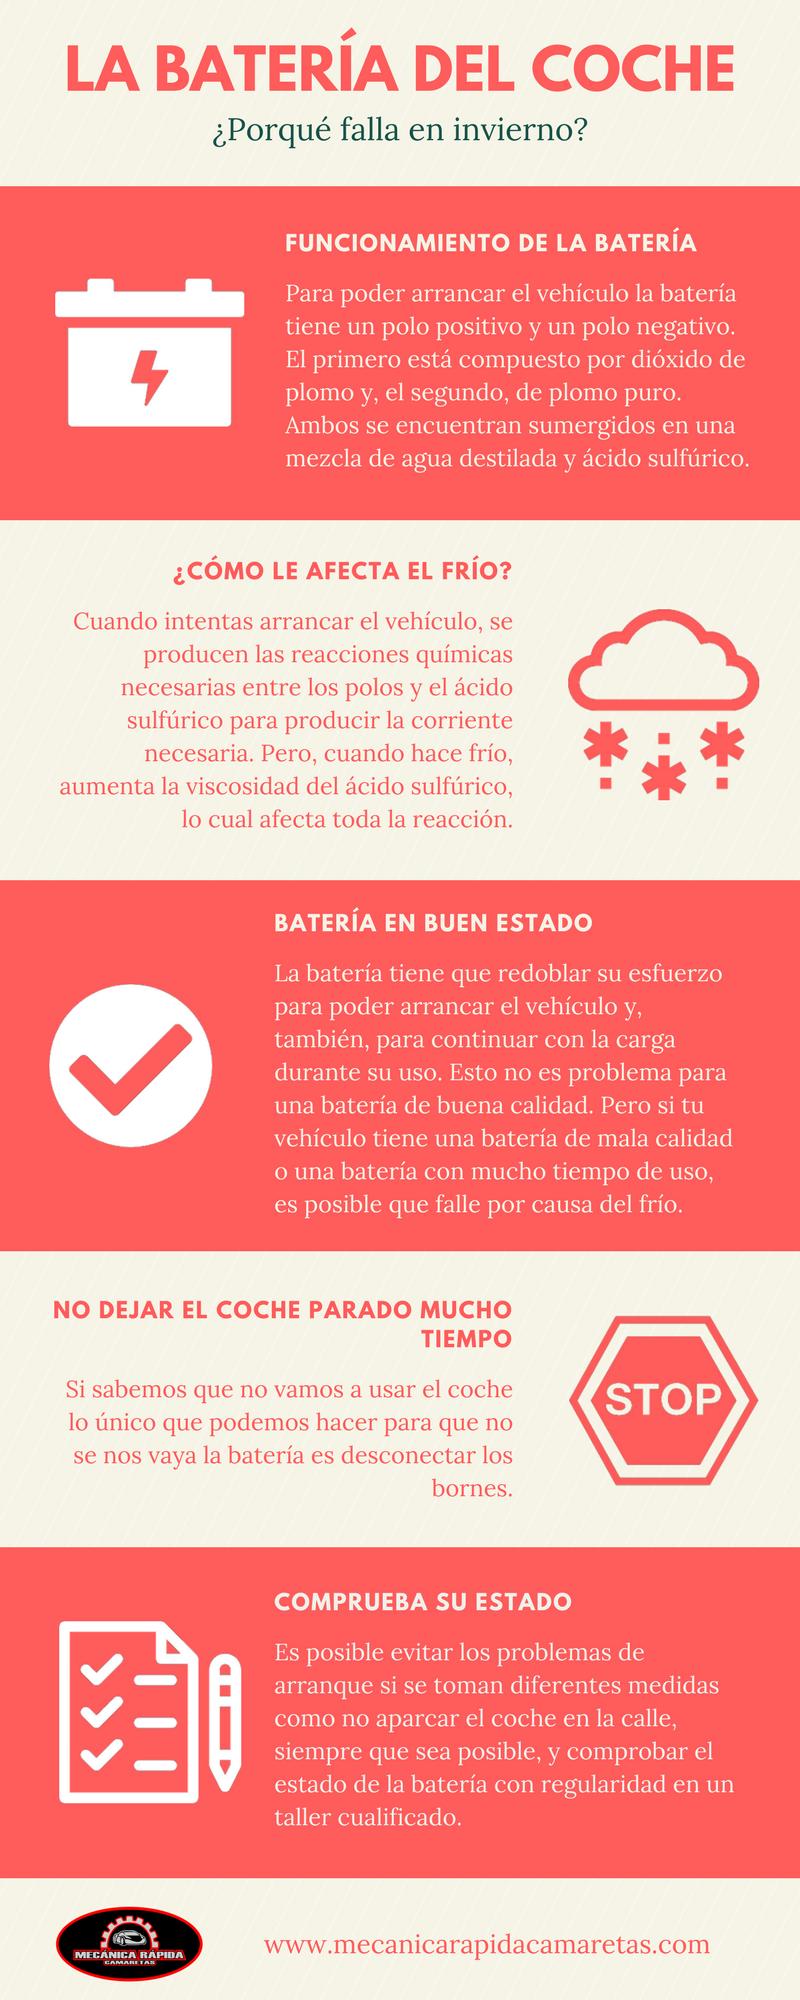 Como afecta el frío a la batería de tu coche